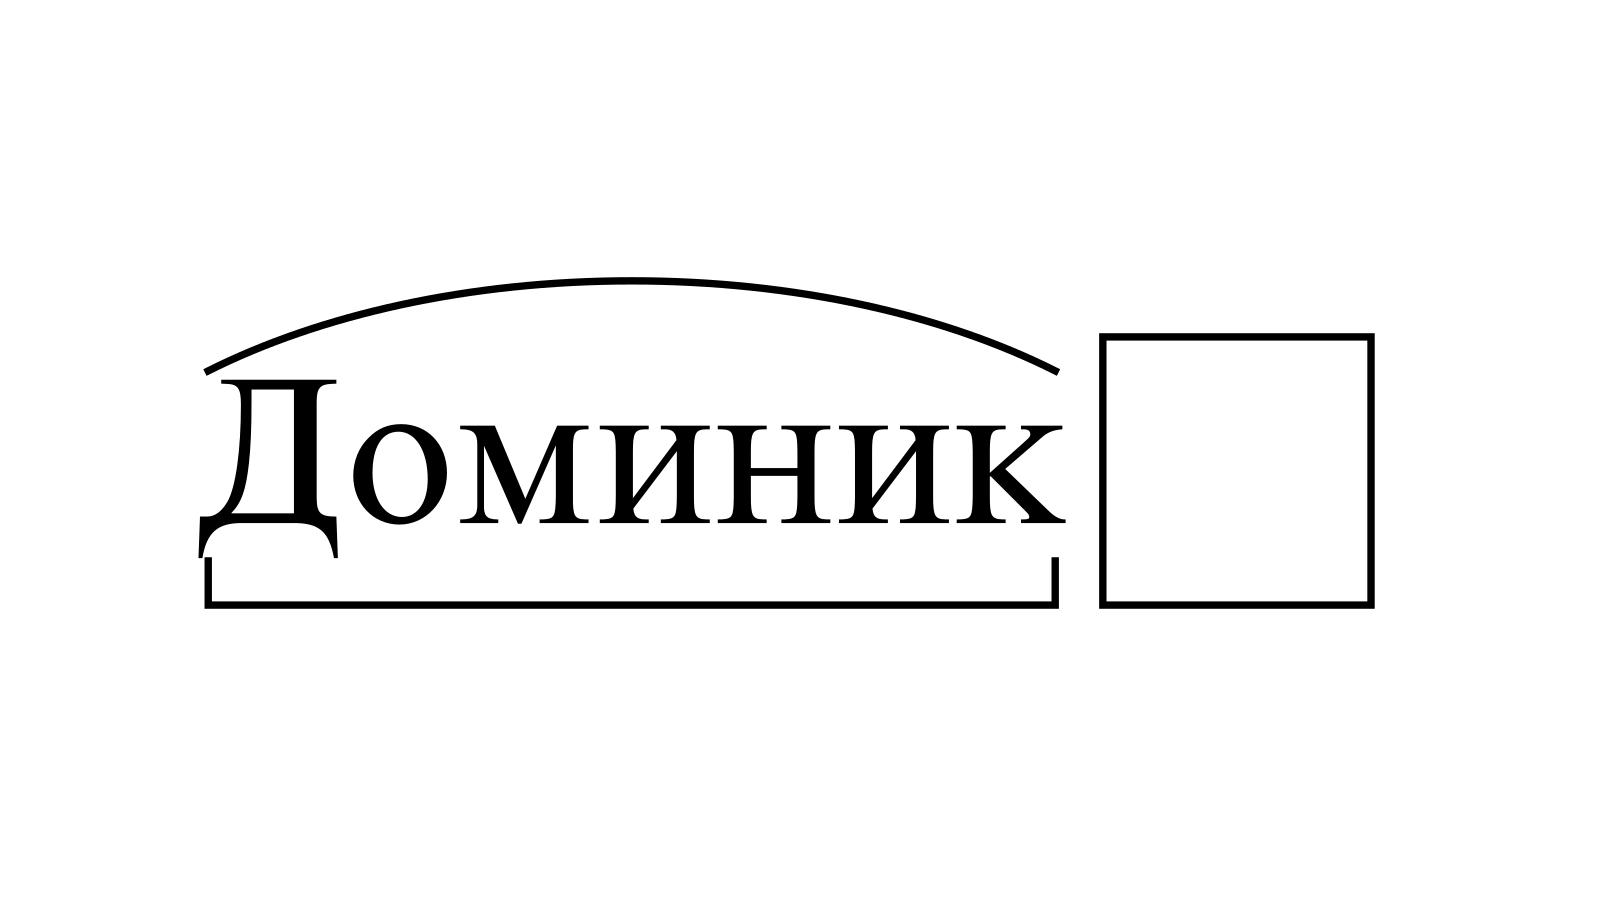 Разбор слова «Доминик» по составу